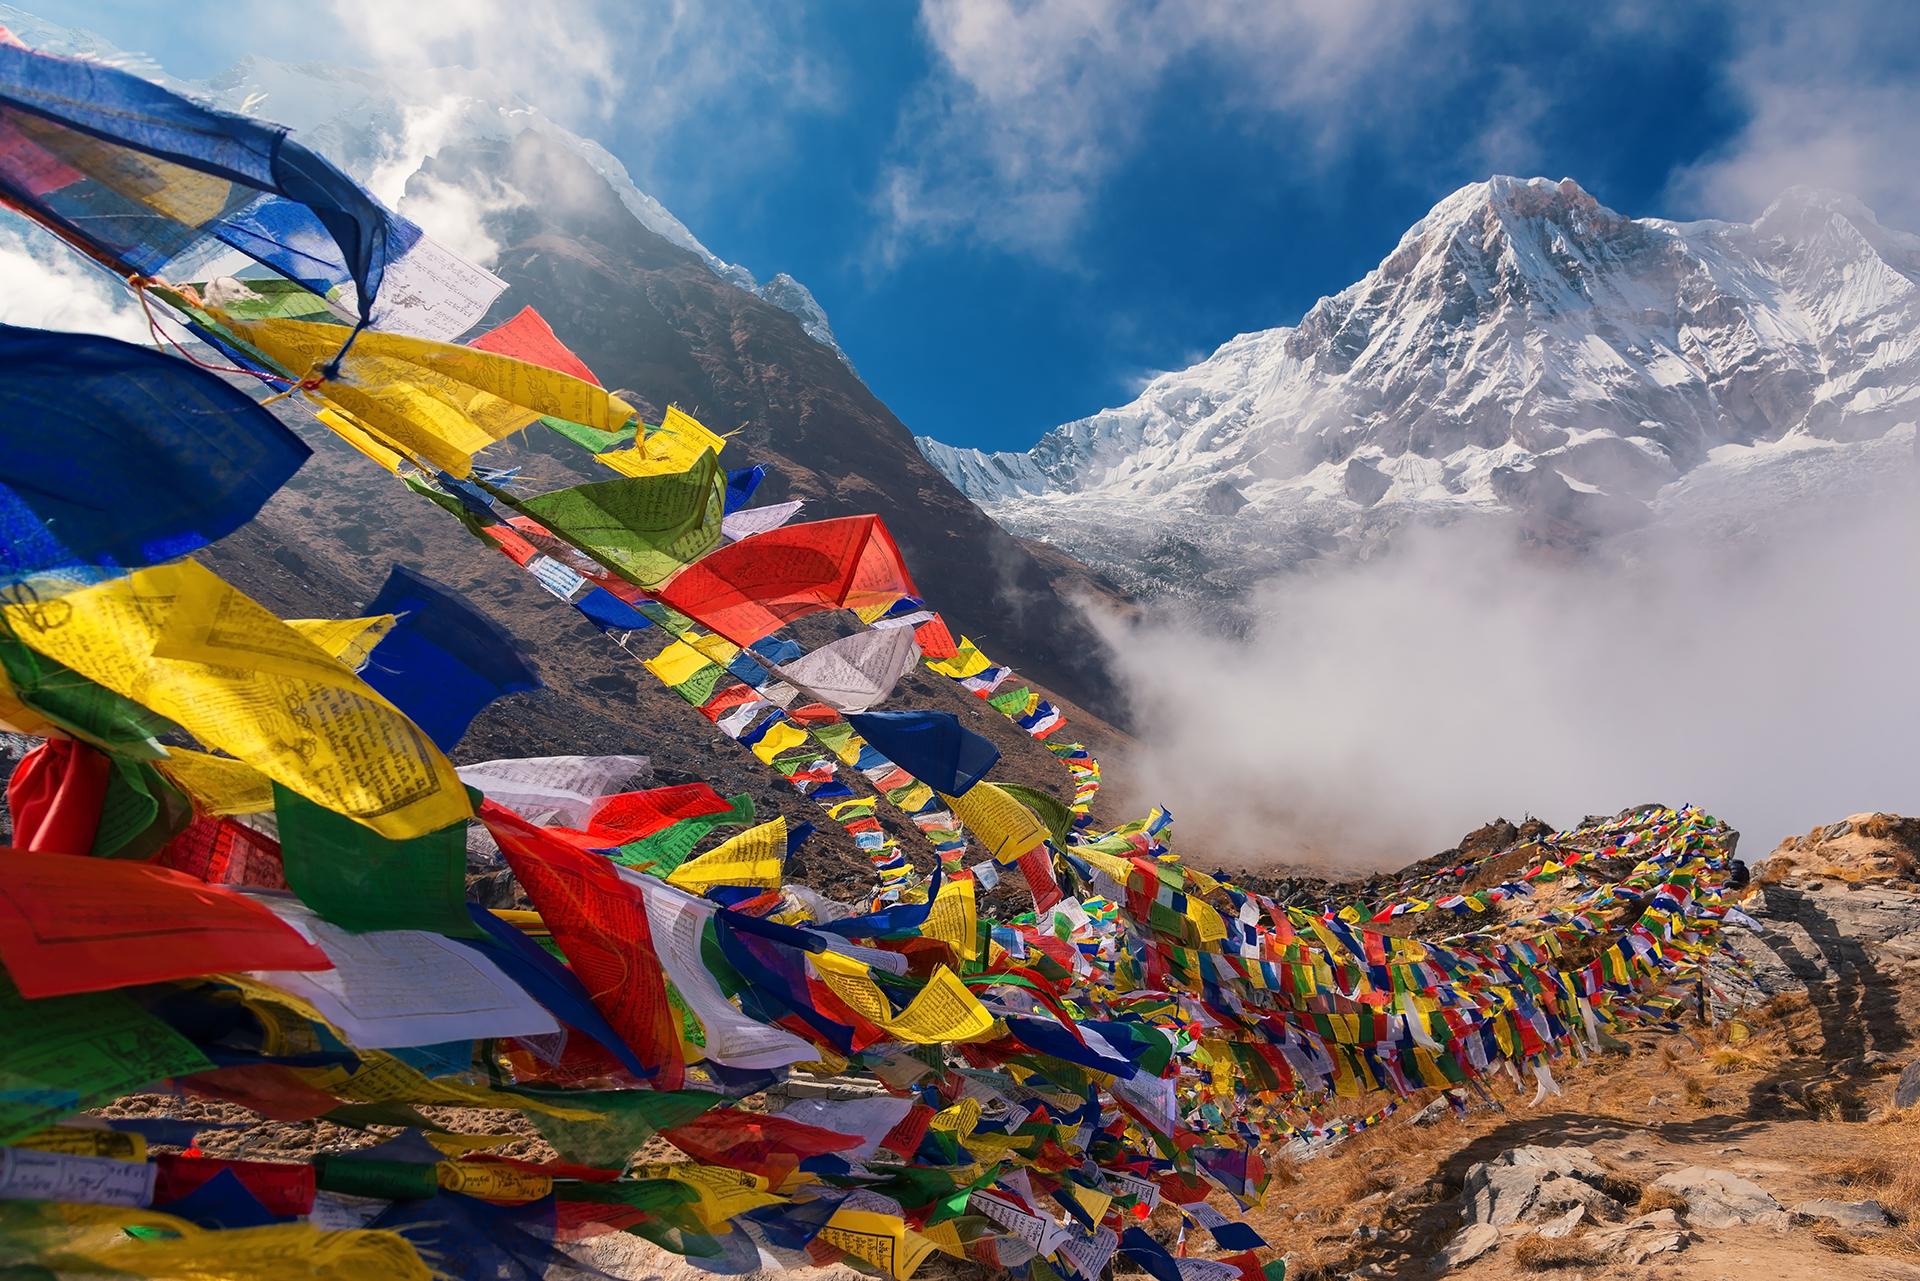 Continente de Asia - Butan - ASIVIAJO - Banderas de oración y fondo del Monte Annapurna I Bután